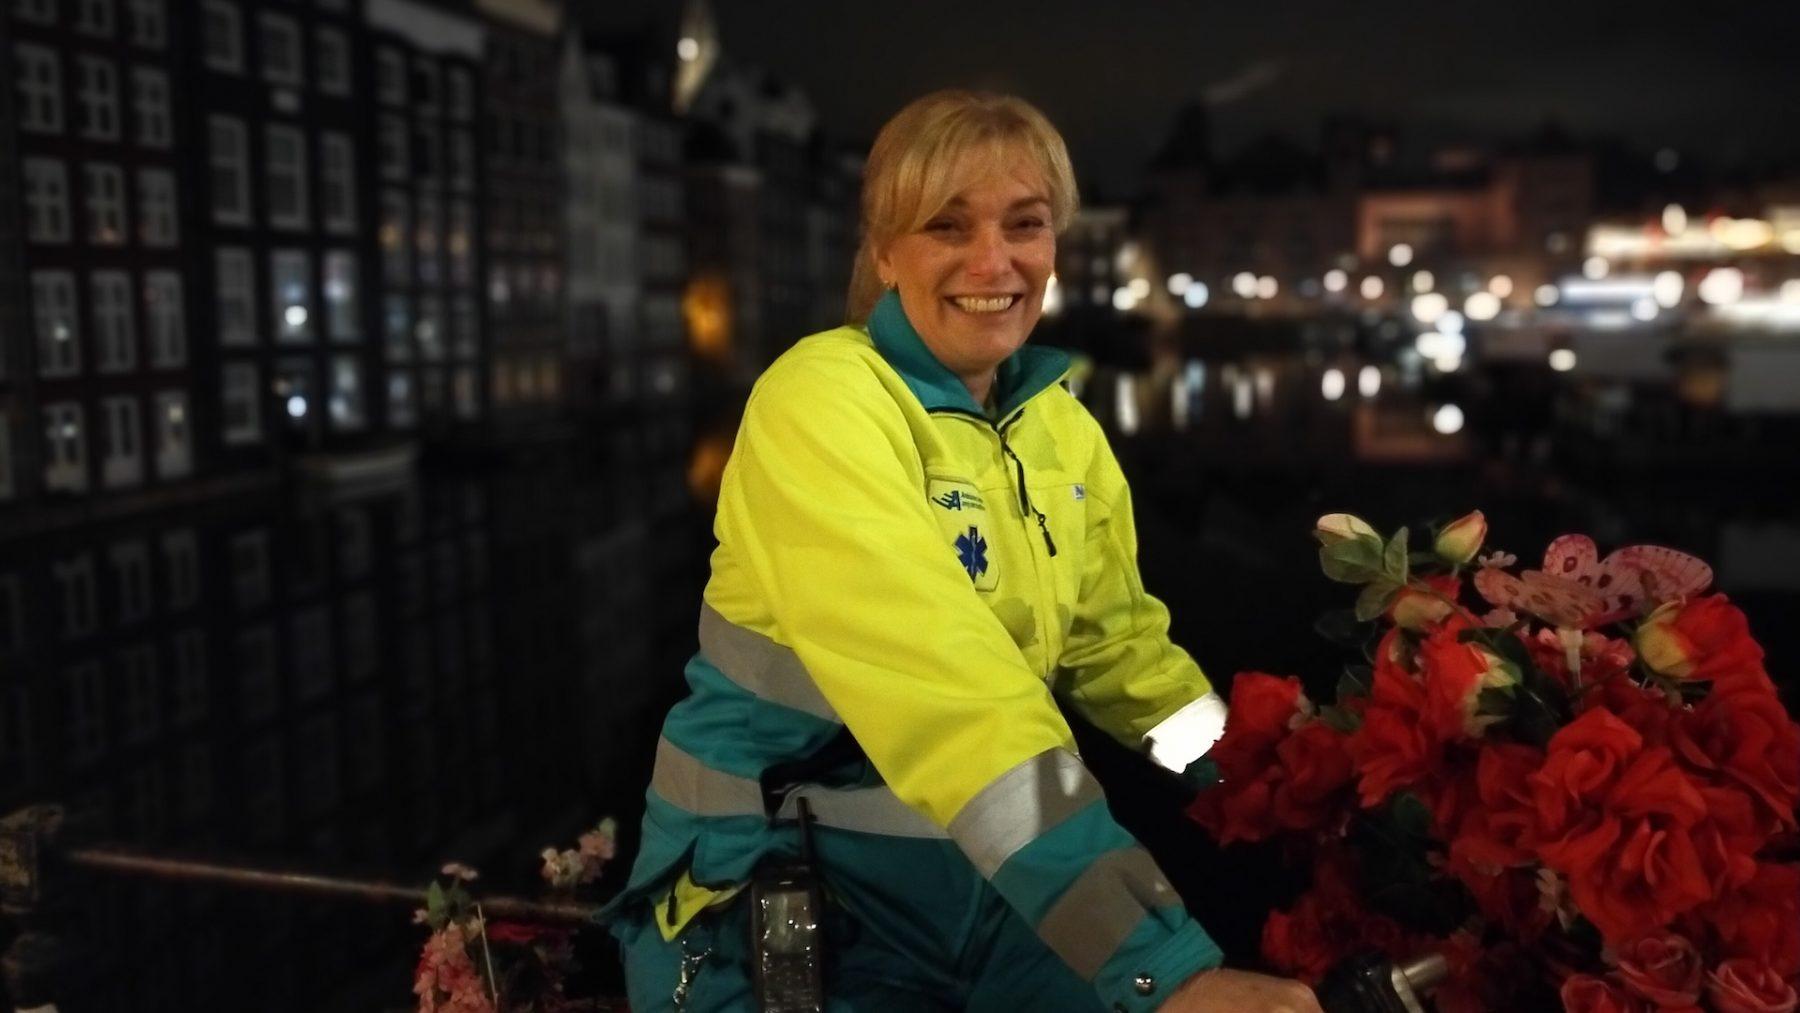 Ambulancemedewerker Annemiek reed naar ongeluk eigen zoon en schreef er een boek over